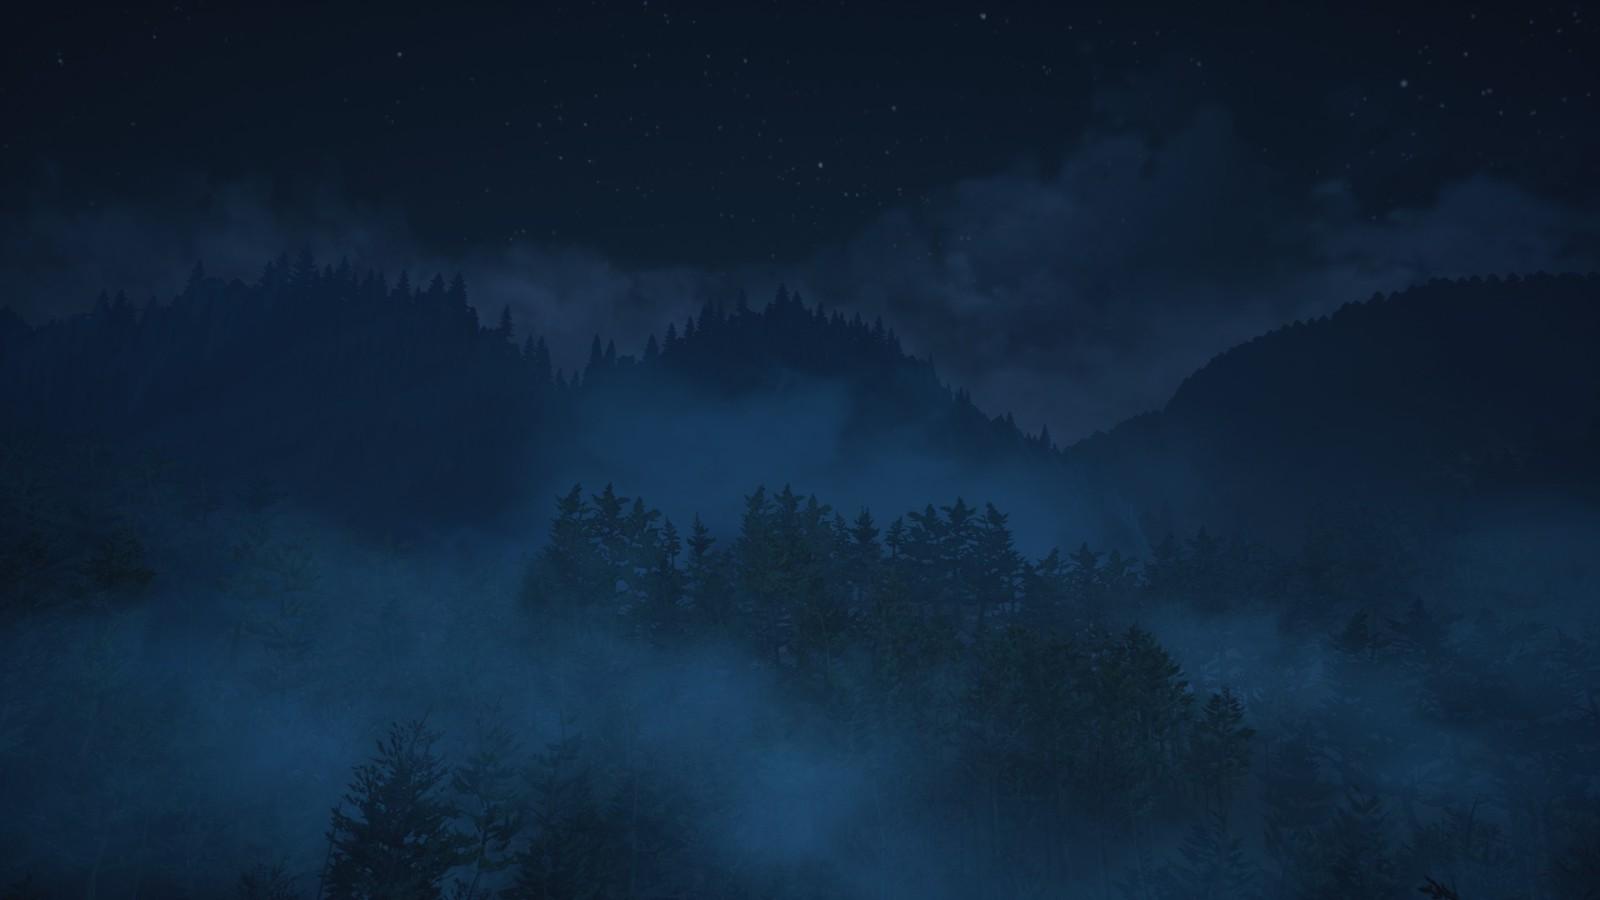 好评如潮游戏《艾迪芬奇的记忆》Steam新史低促销 仅需20元插图13